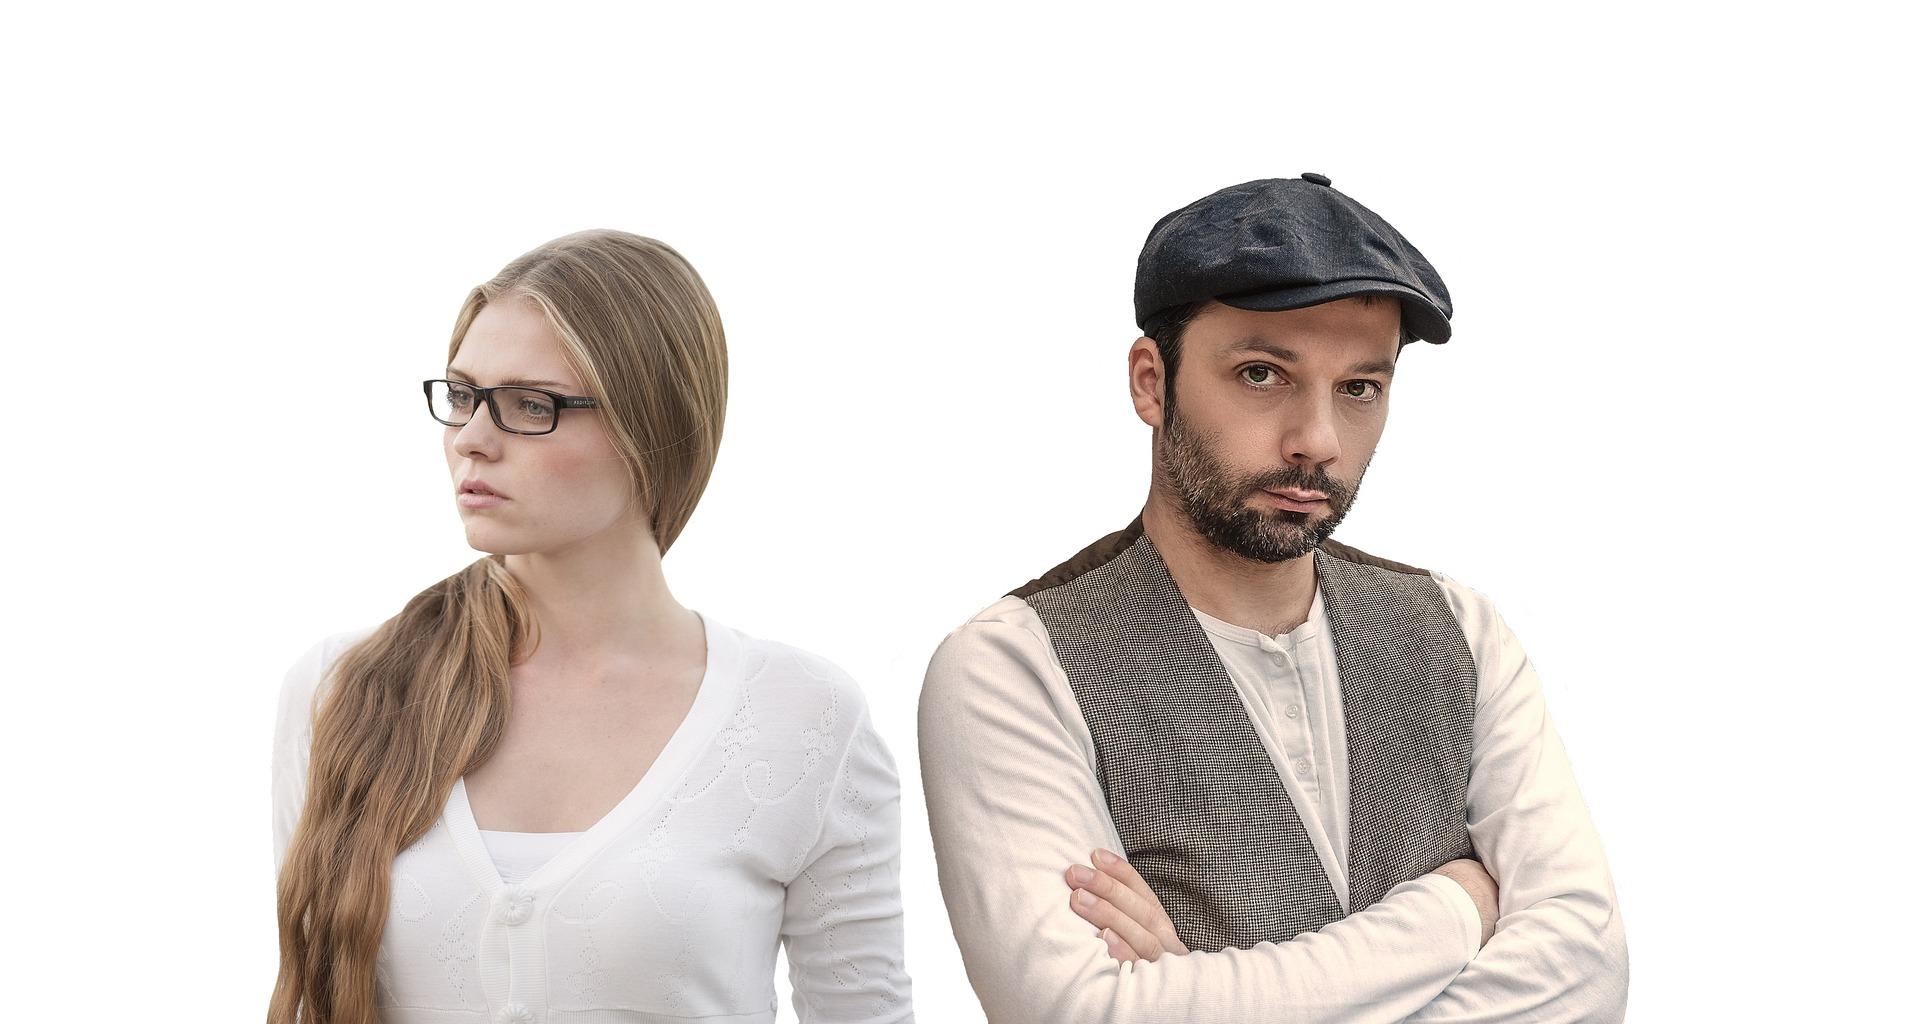 Развод с мужем-итальянцем в России. Часть 2